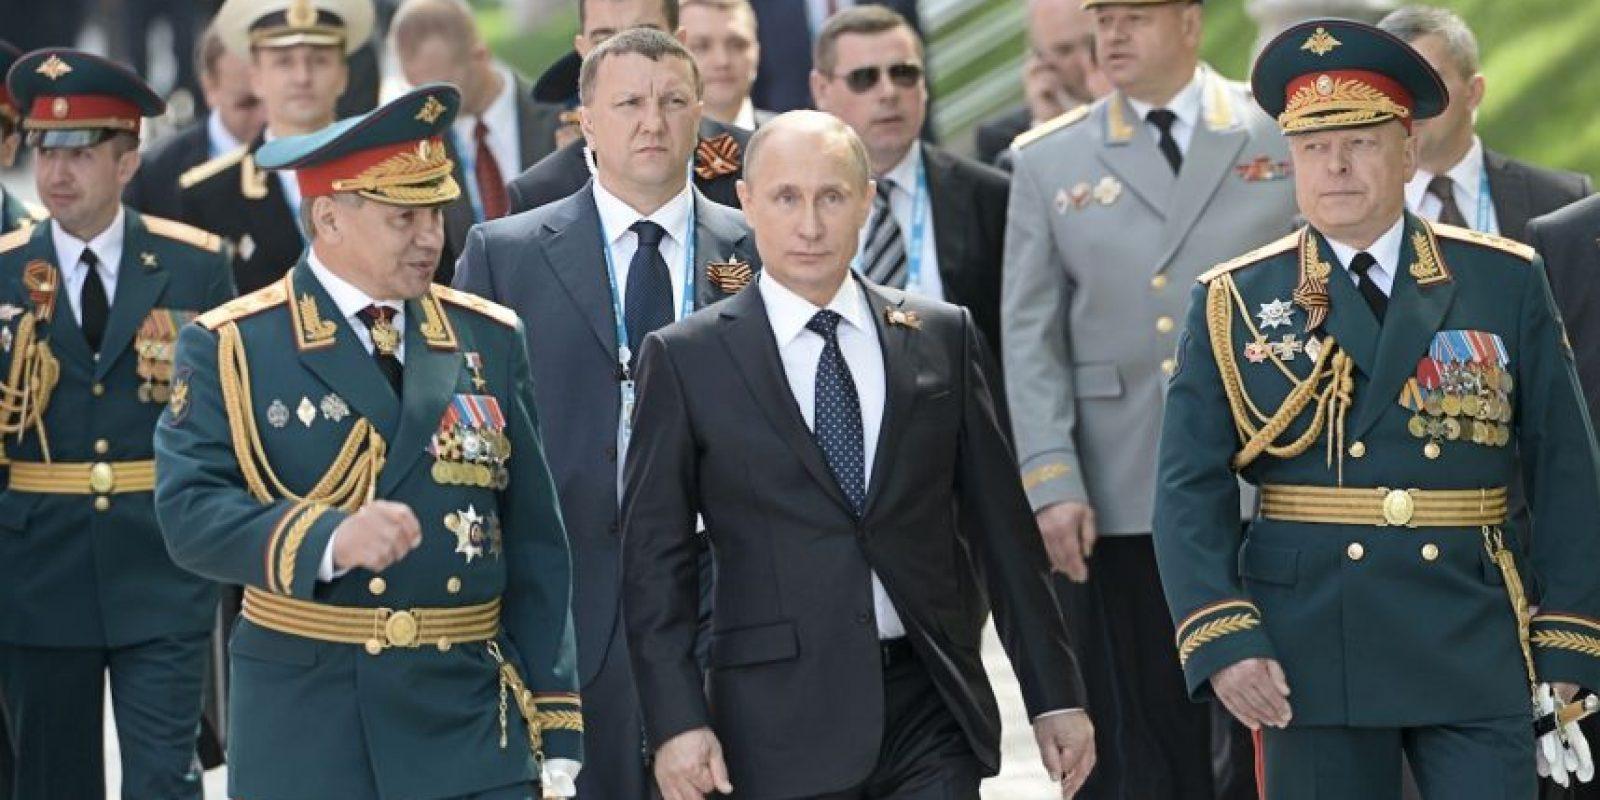 No asistieron muchos líderes de occidente por el supuesto papel de Rusia en la crisis de Ucrania. Foto:Getty Images